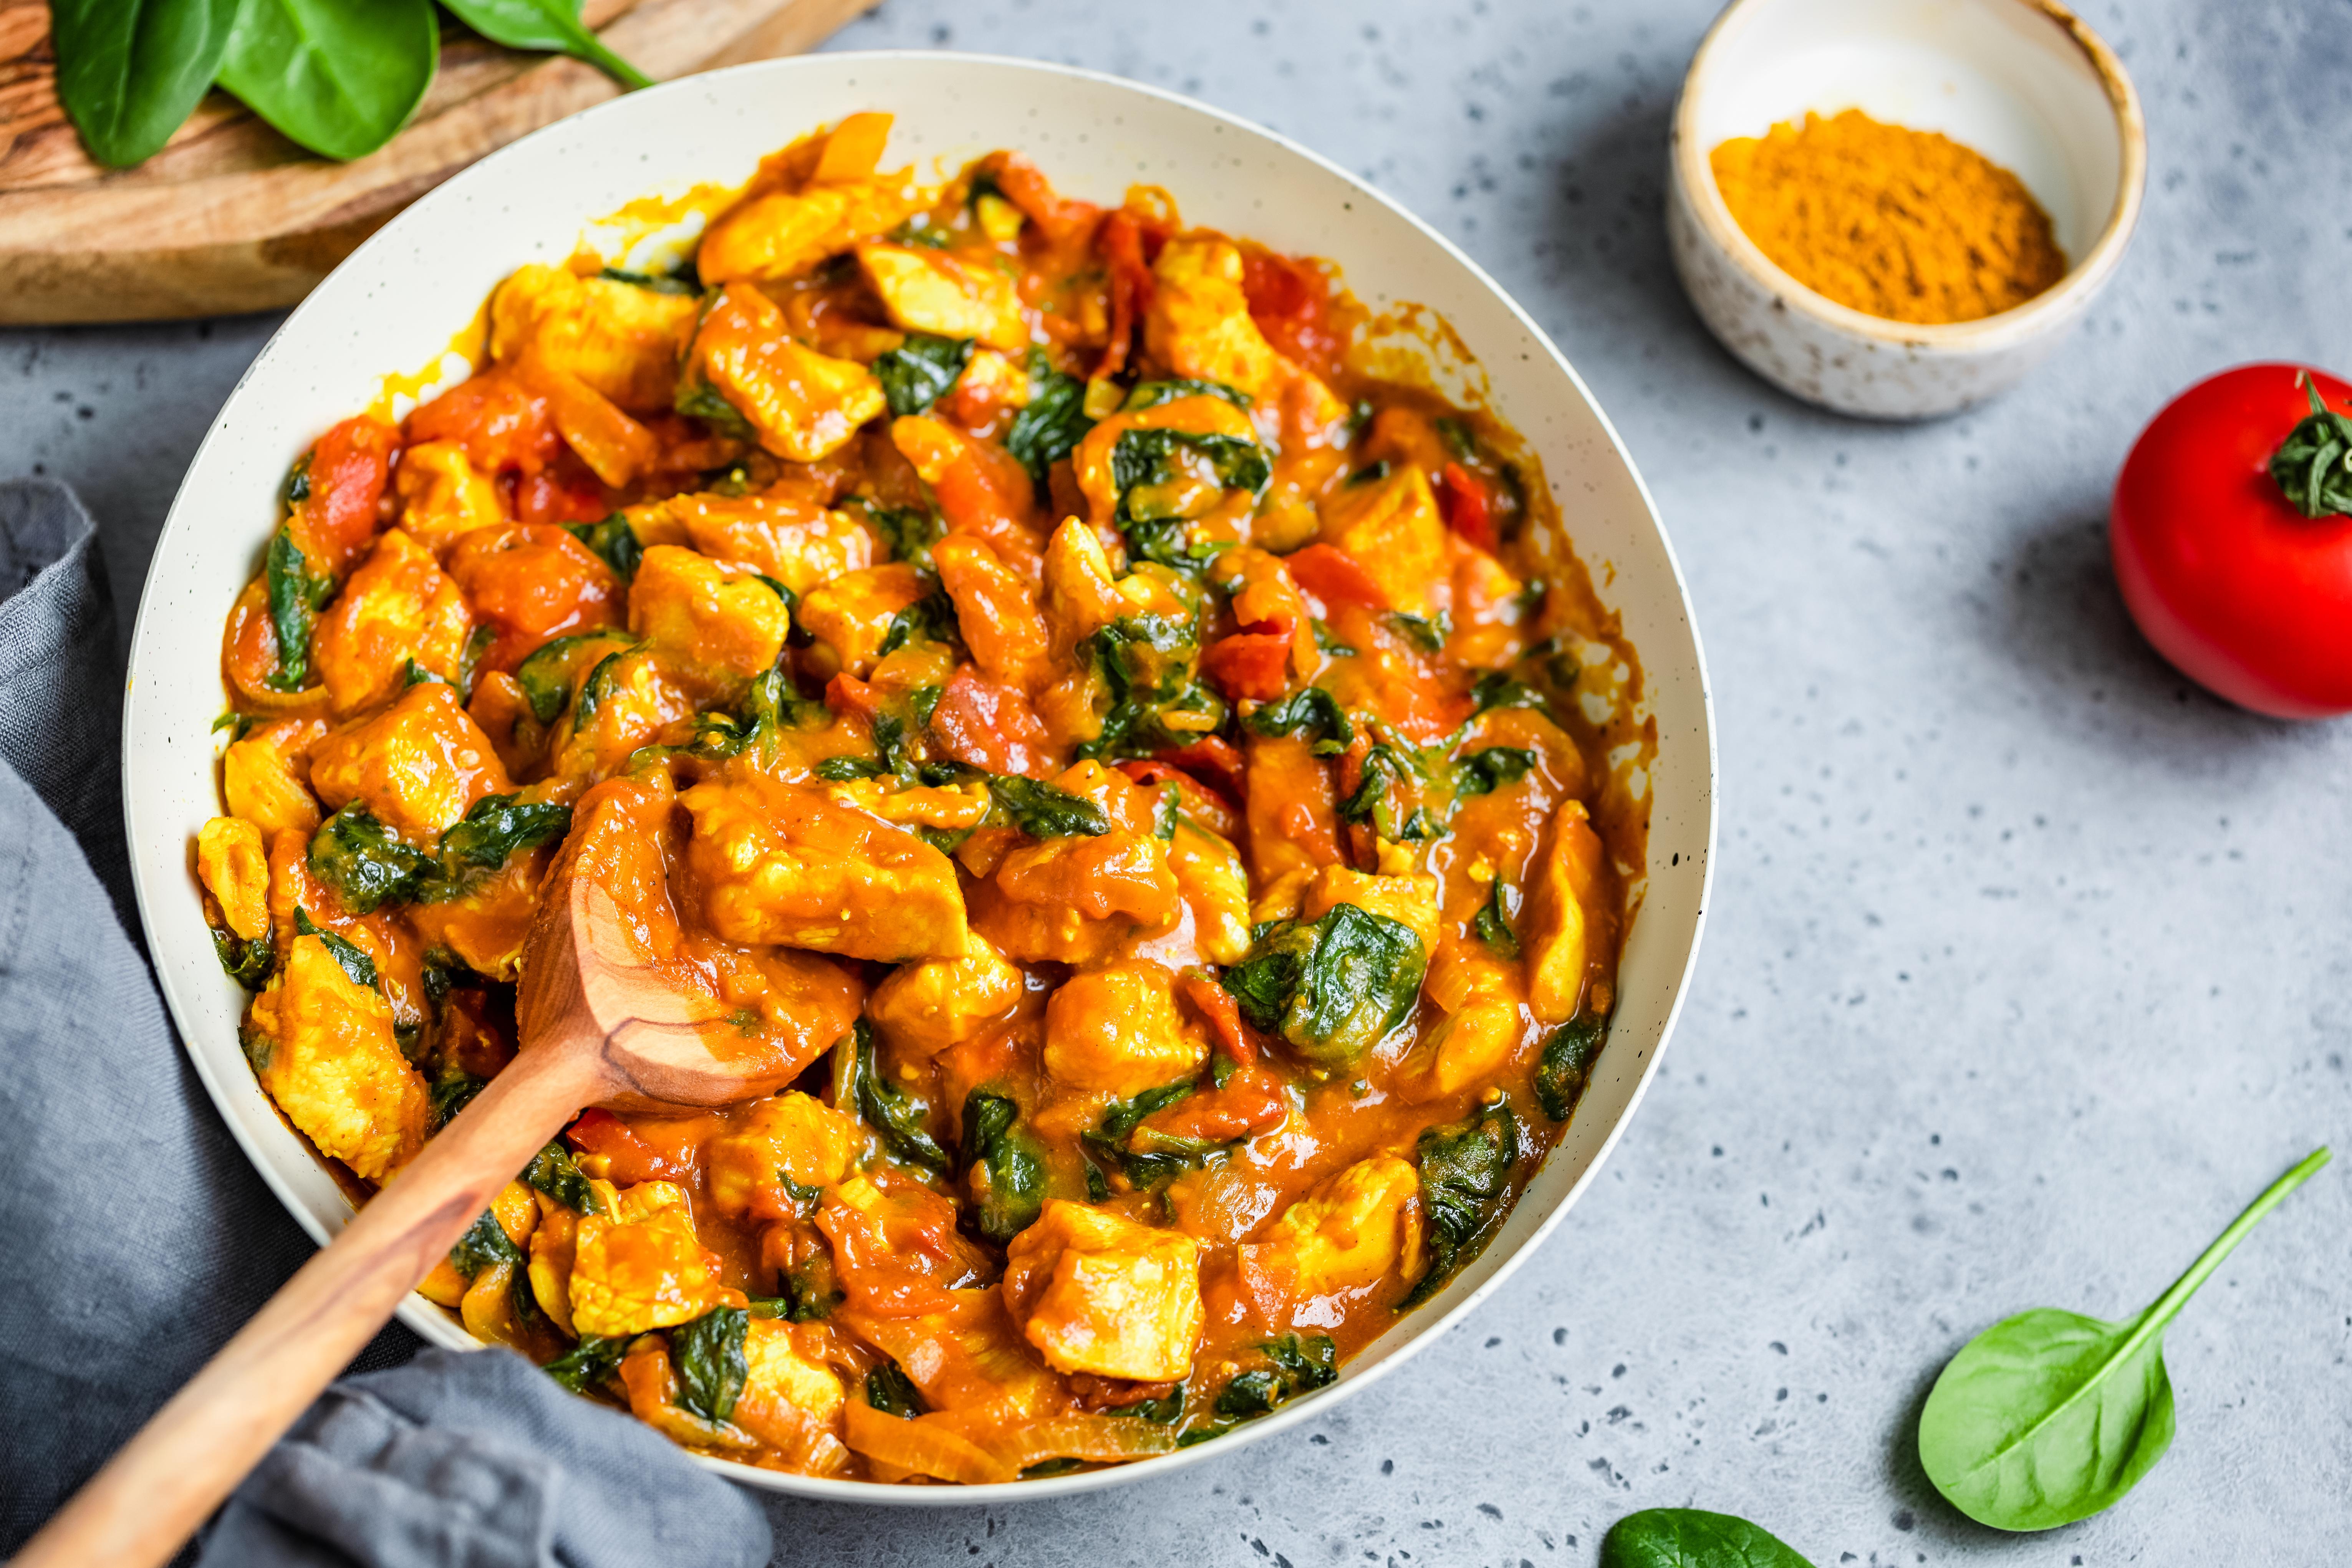 Curry Chicken Skillet Dinner